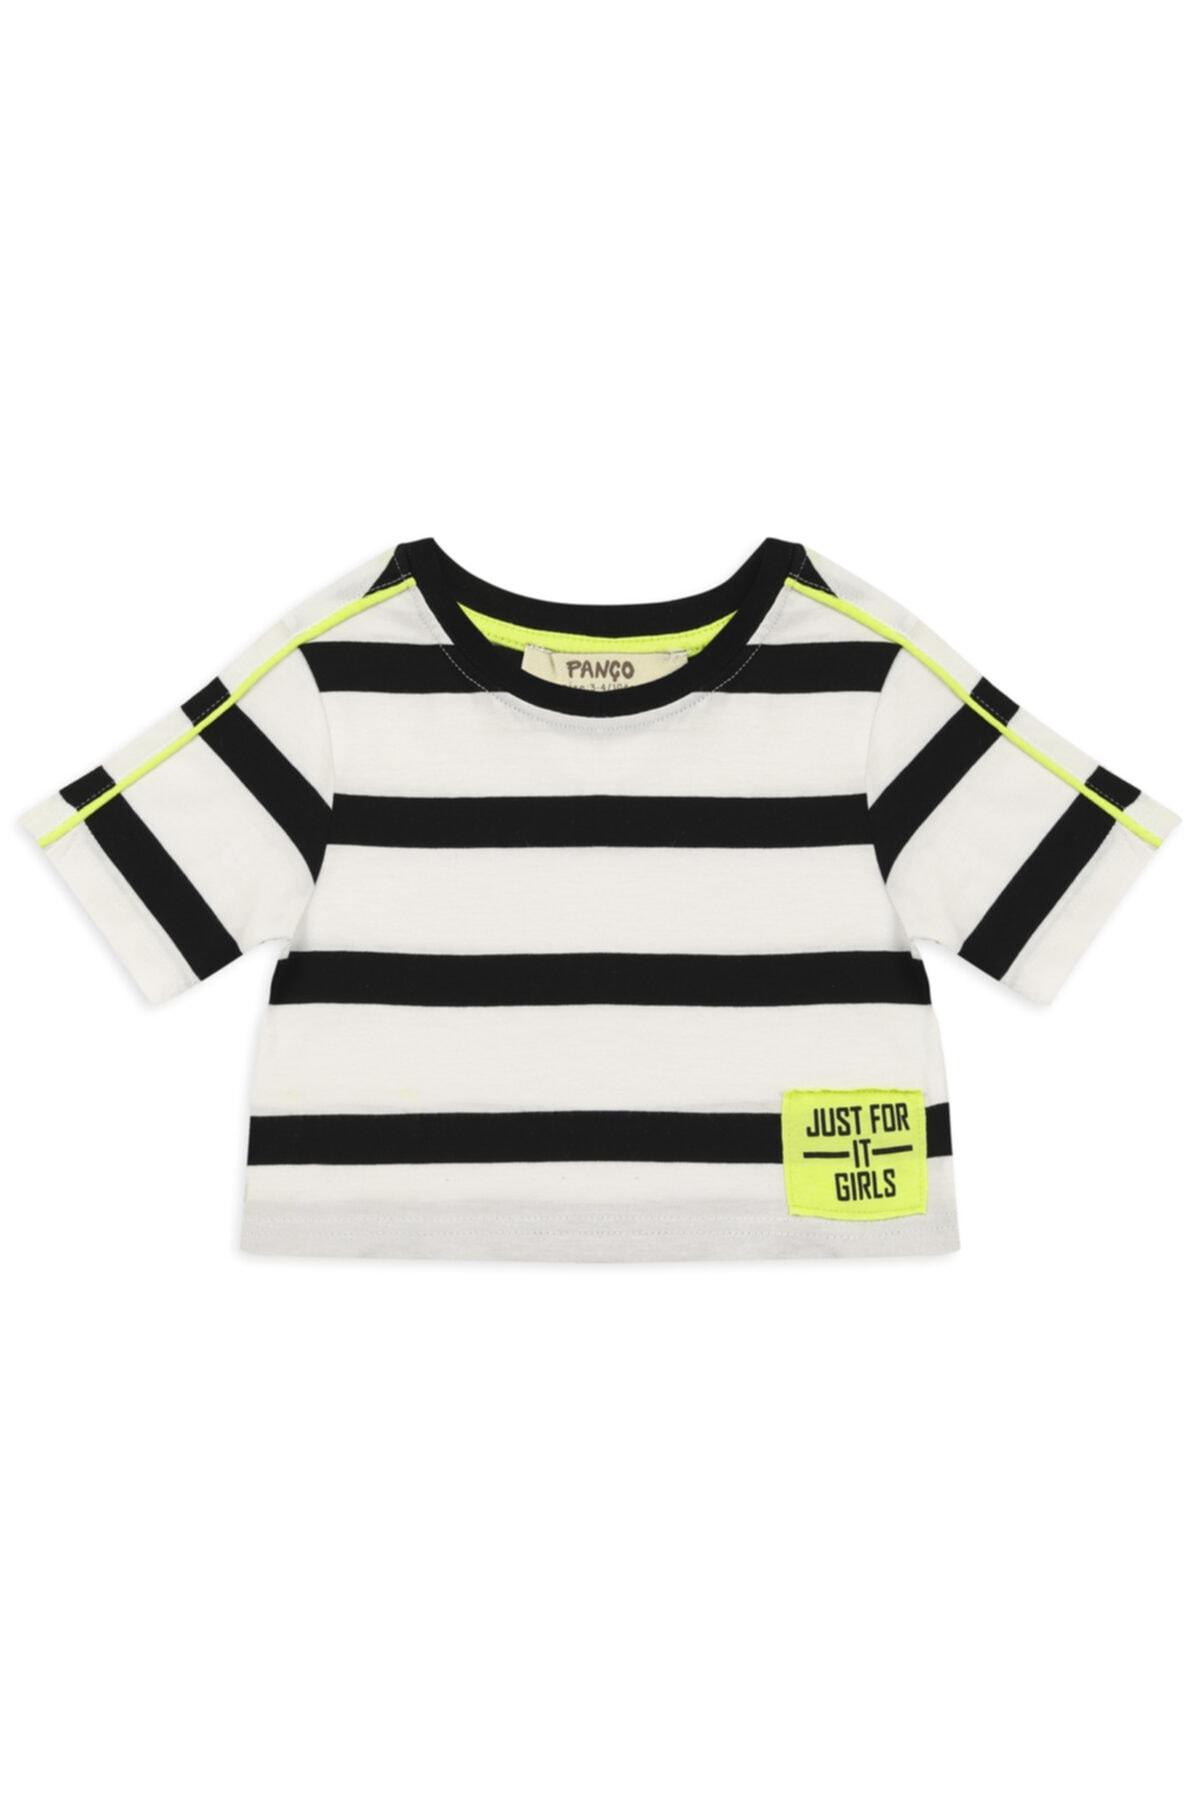 Kız Çocuk Kırmızı T-shirt 2111gk05003